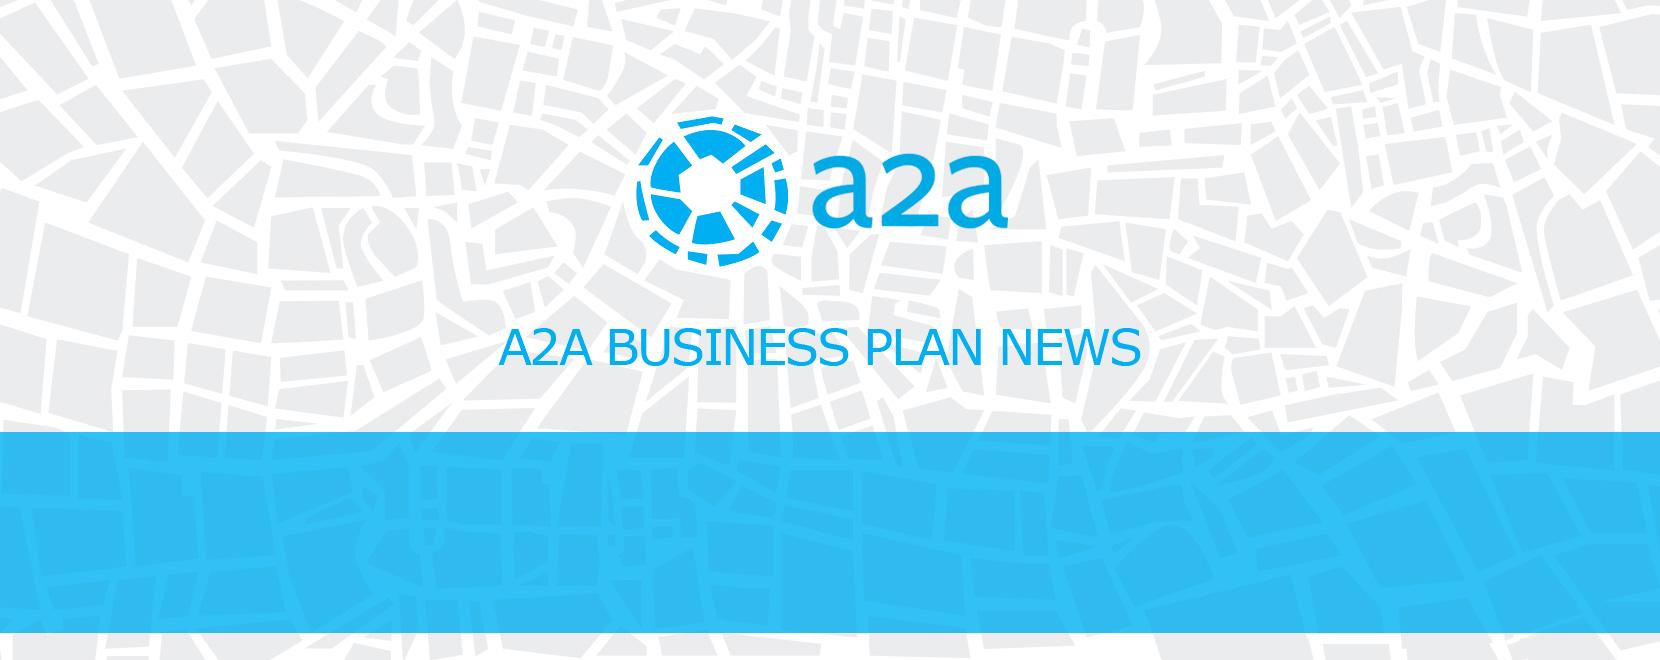 A2A Business Plan News